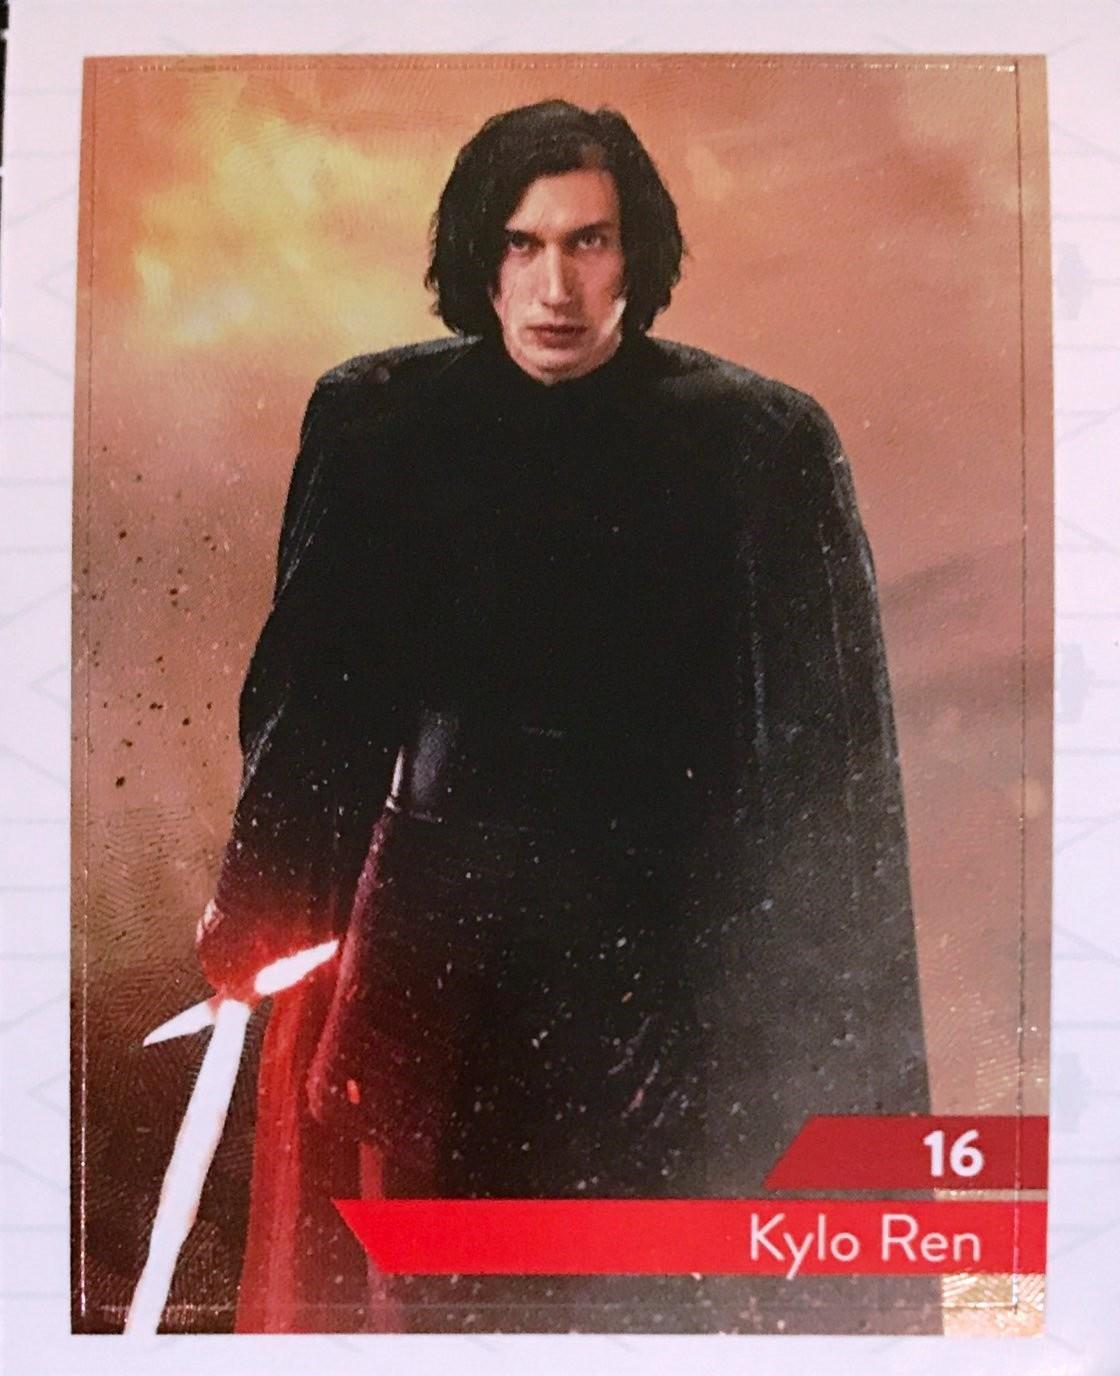 carte star wars leclerc 2020 Kylo Ren   carte 16 Star Wars   Maitriser la Force   Leclerc 2019